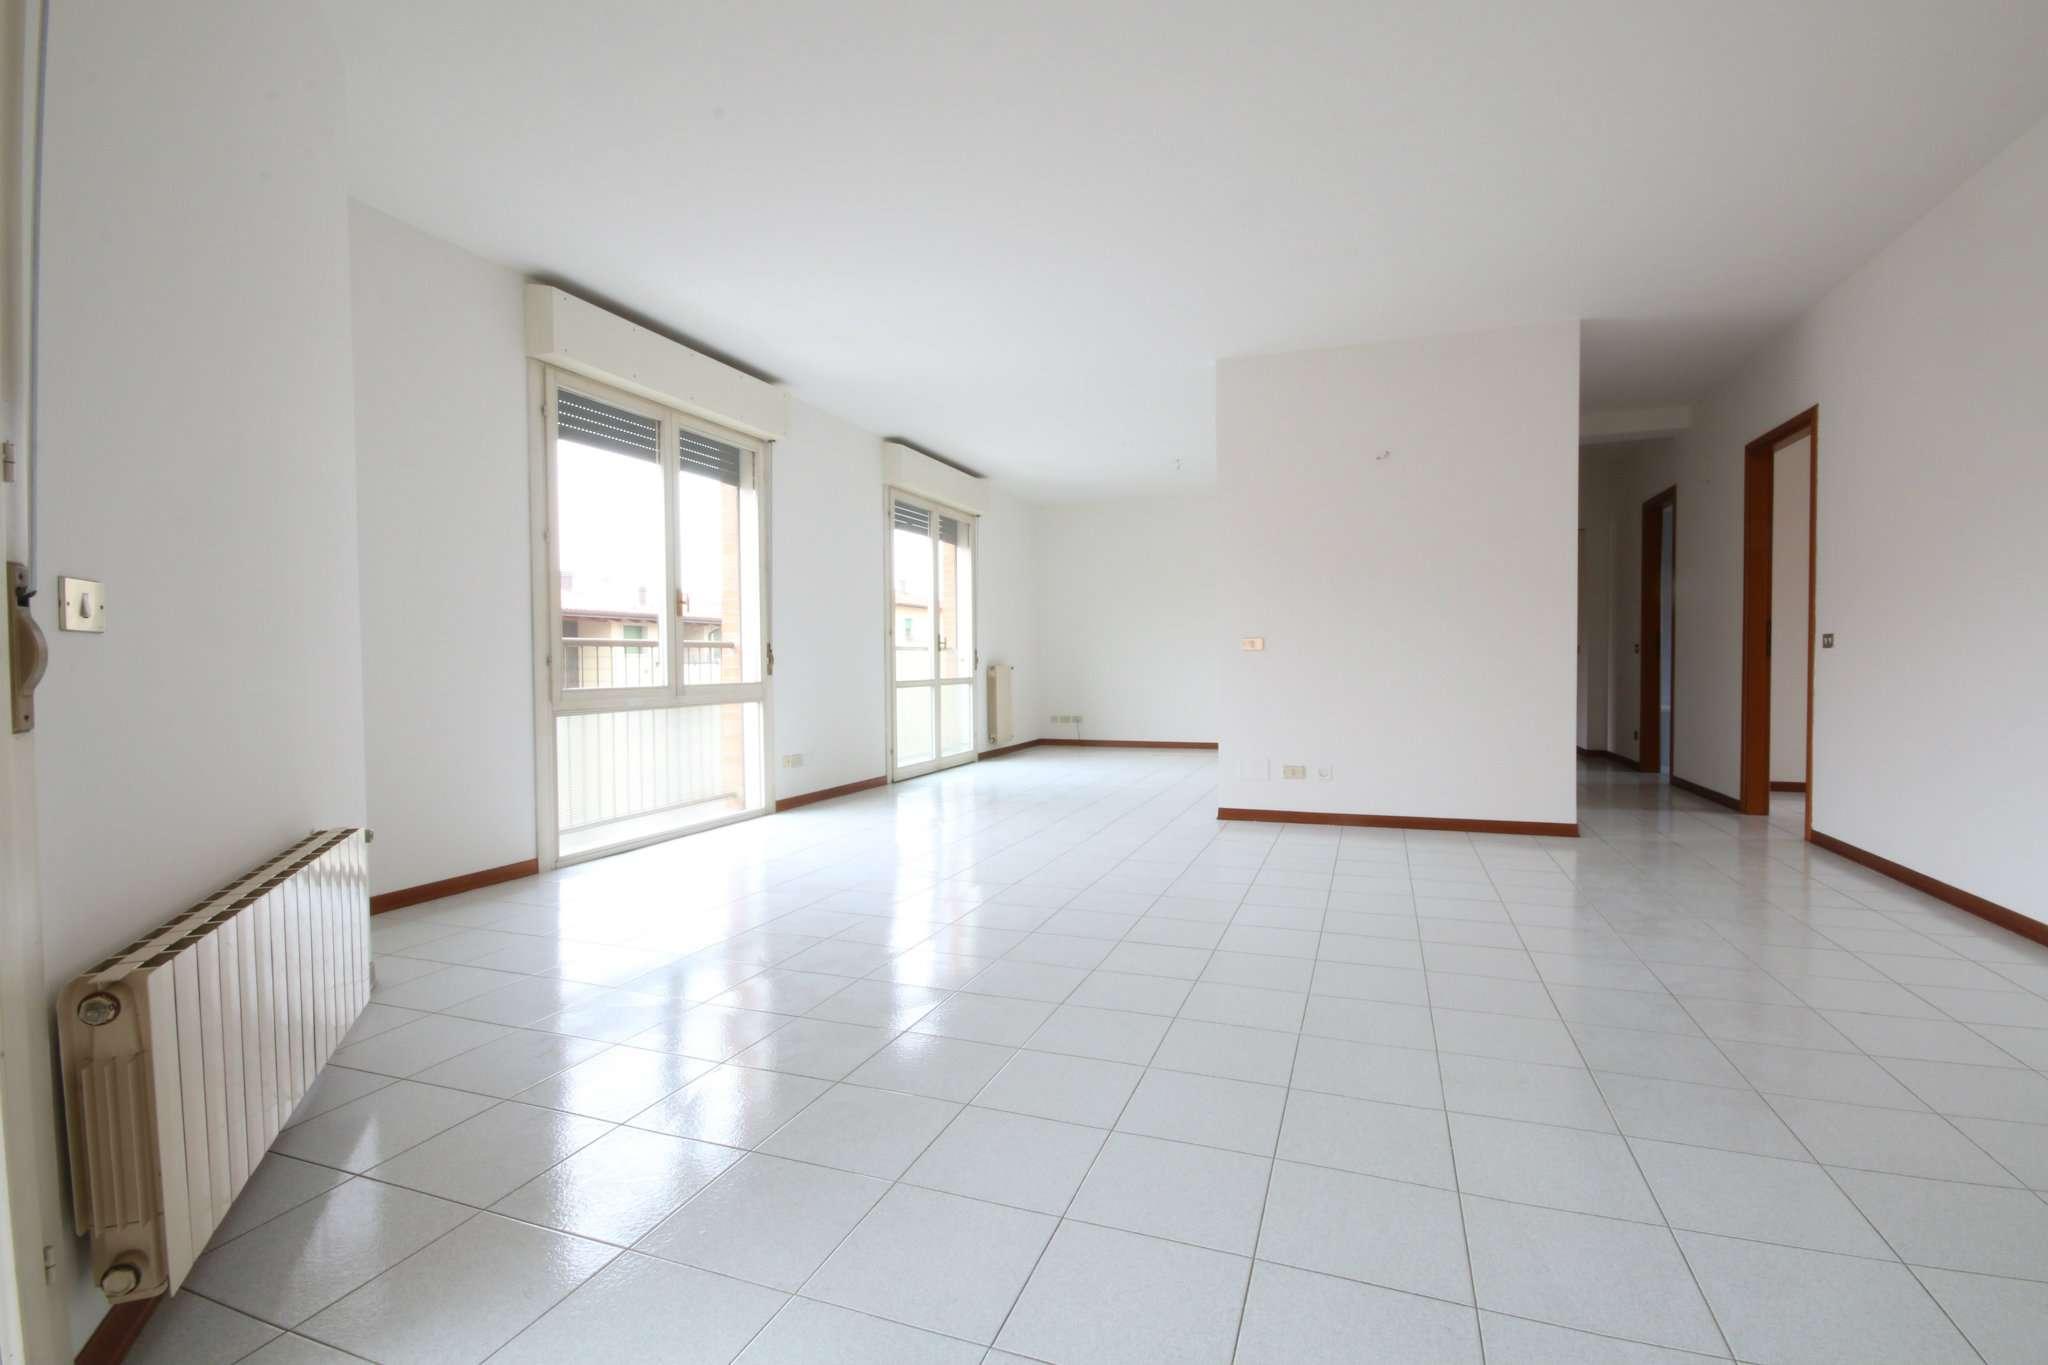 Appartamento in affitto a Casalecchio di Reno, 4 locali, prezzo € 880 | Cambio Casa.it